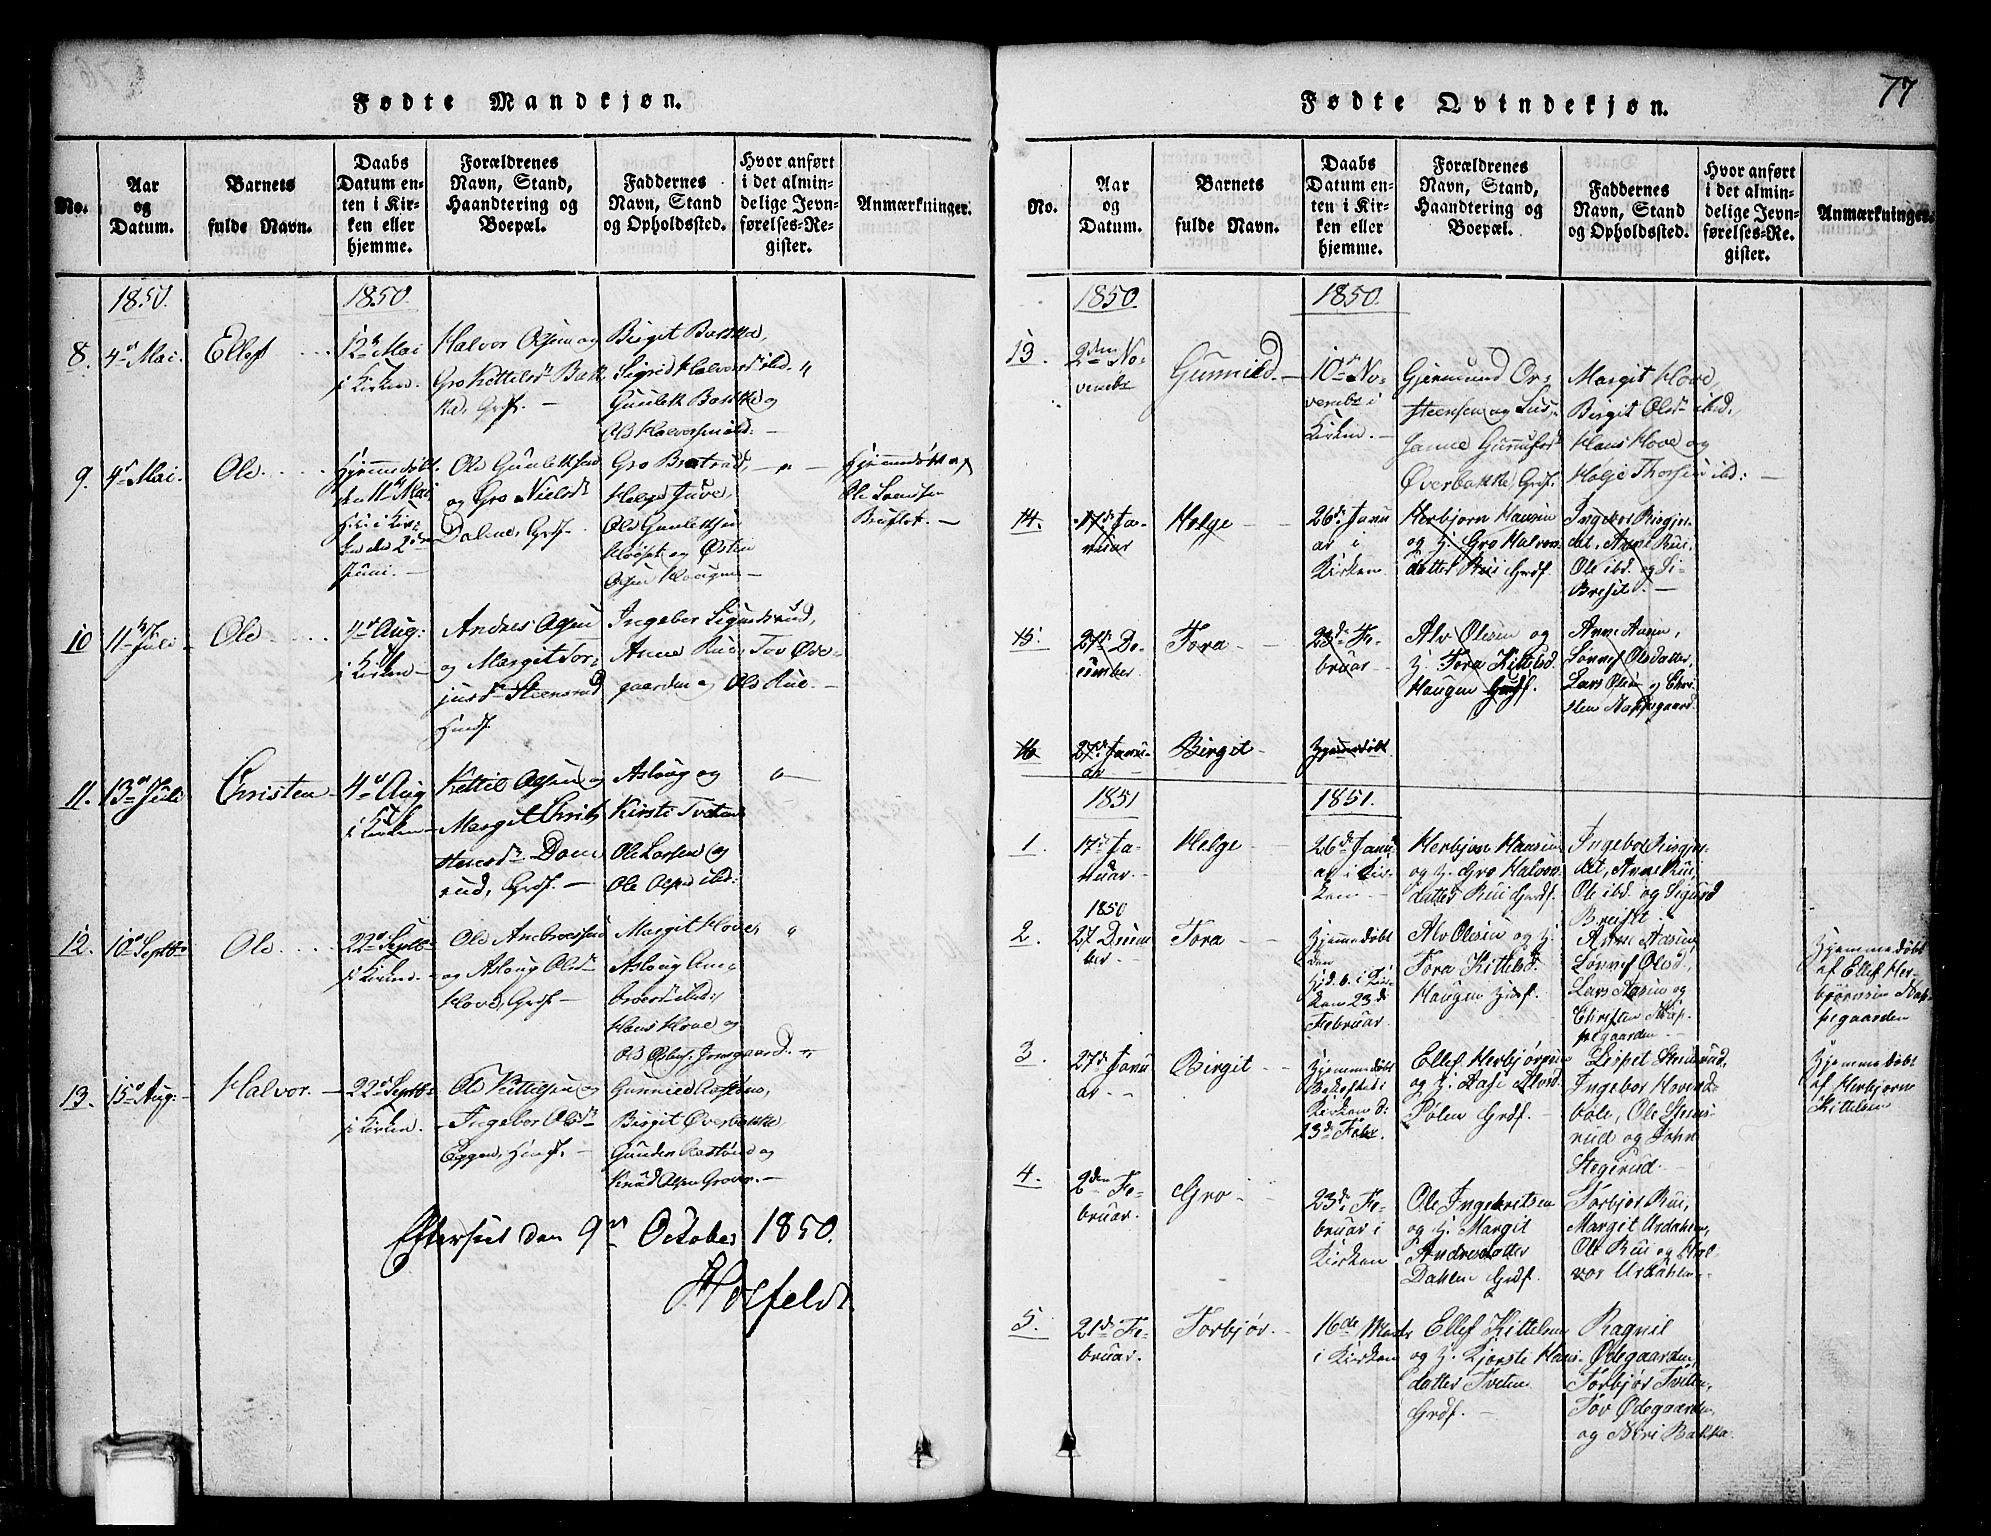 SAKO, Gransherad kirkebøker, G/Gb/L0001: Klokkerbok nr. II 1, 1815-1860, s. 77